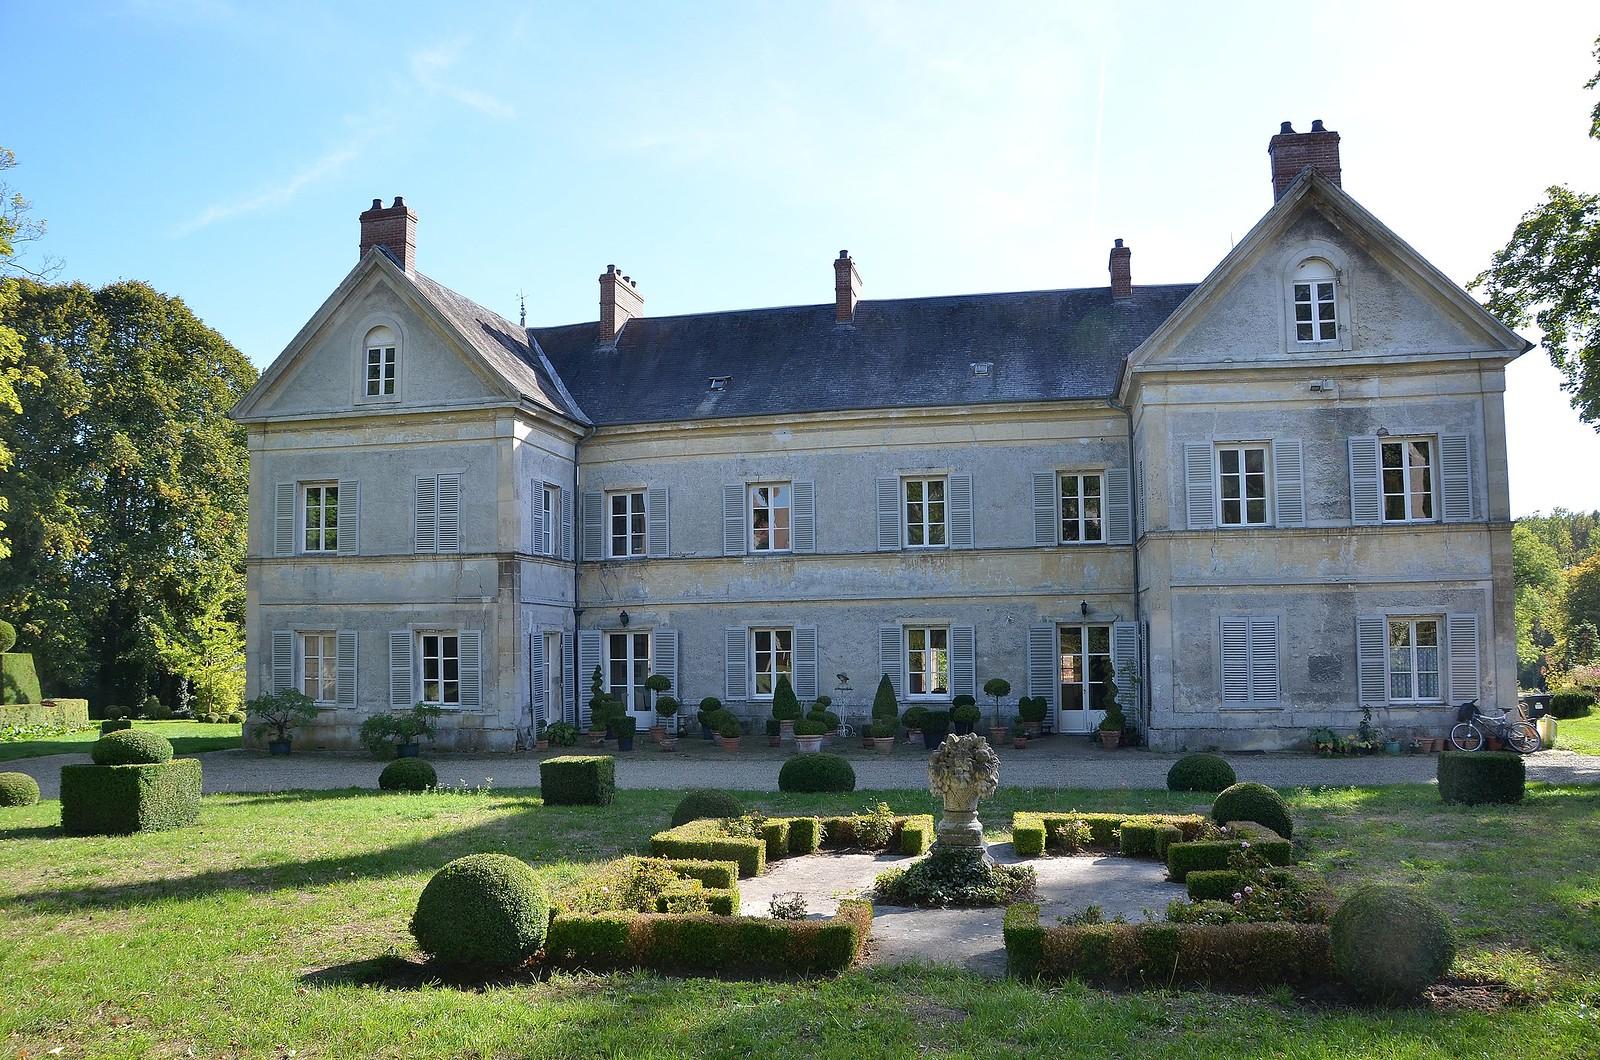 Borest (Oise) - Parc et jardin de Saint-Vincent